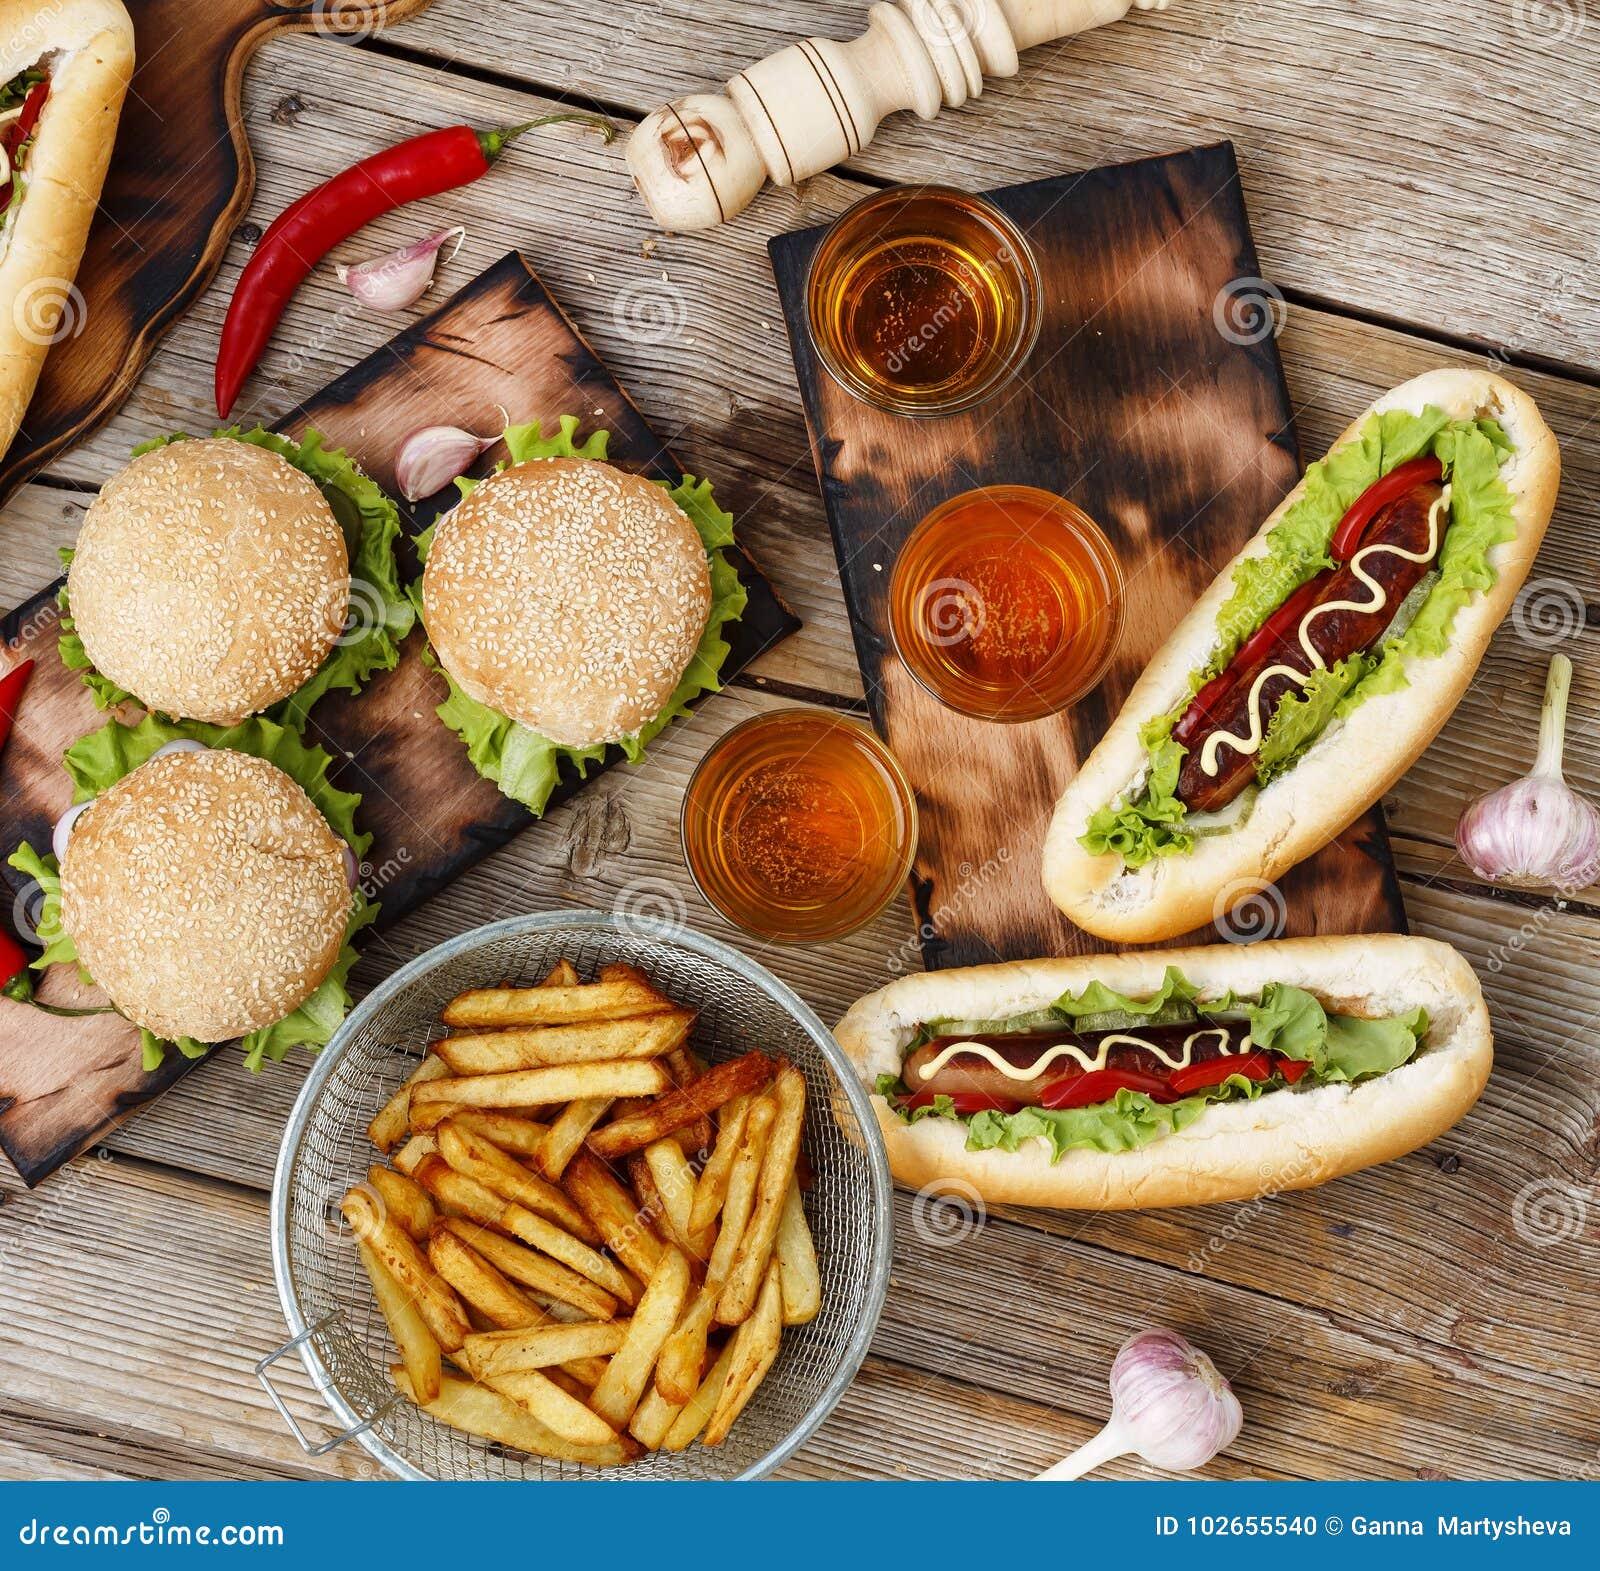 Festival des Bieres Hotdoge, Hamburger, Grill Konzept von draußen essen